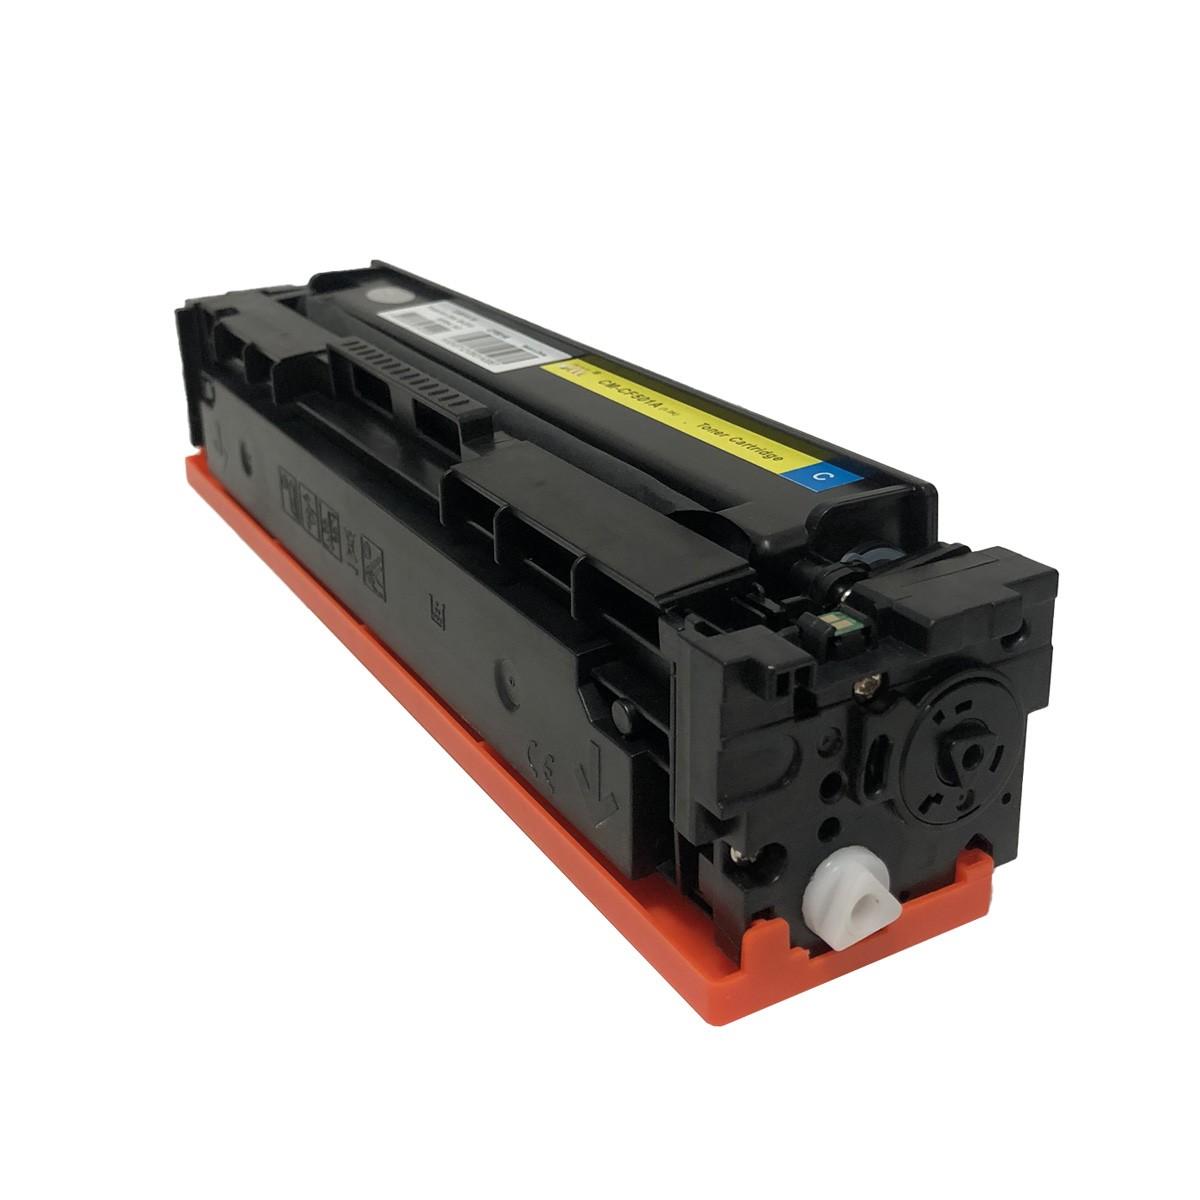 Toner CF501A Ciano Chinamate Compatível com M284FDW M254DW da HP